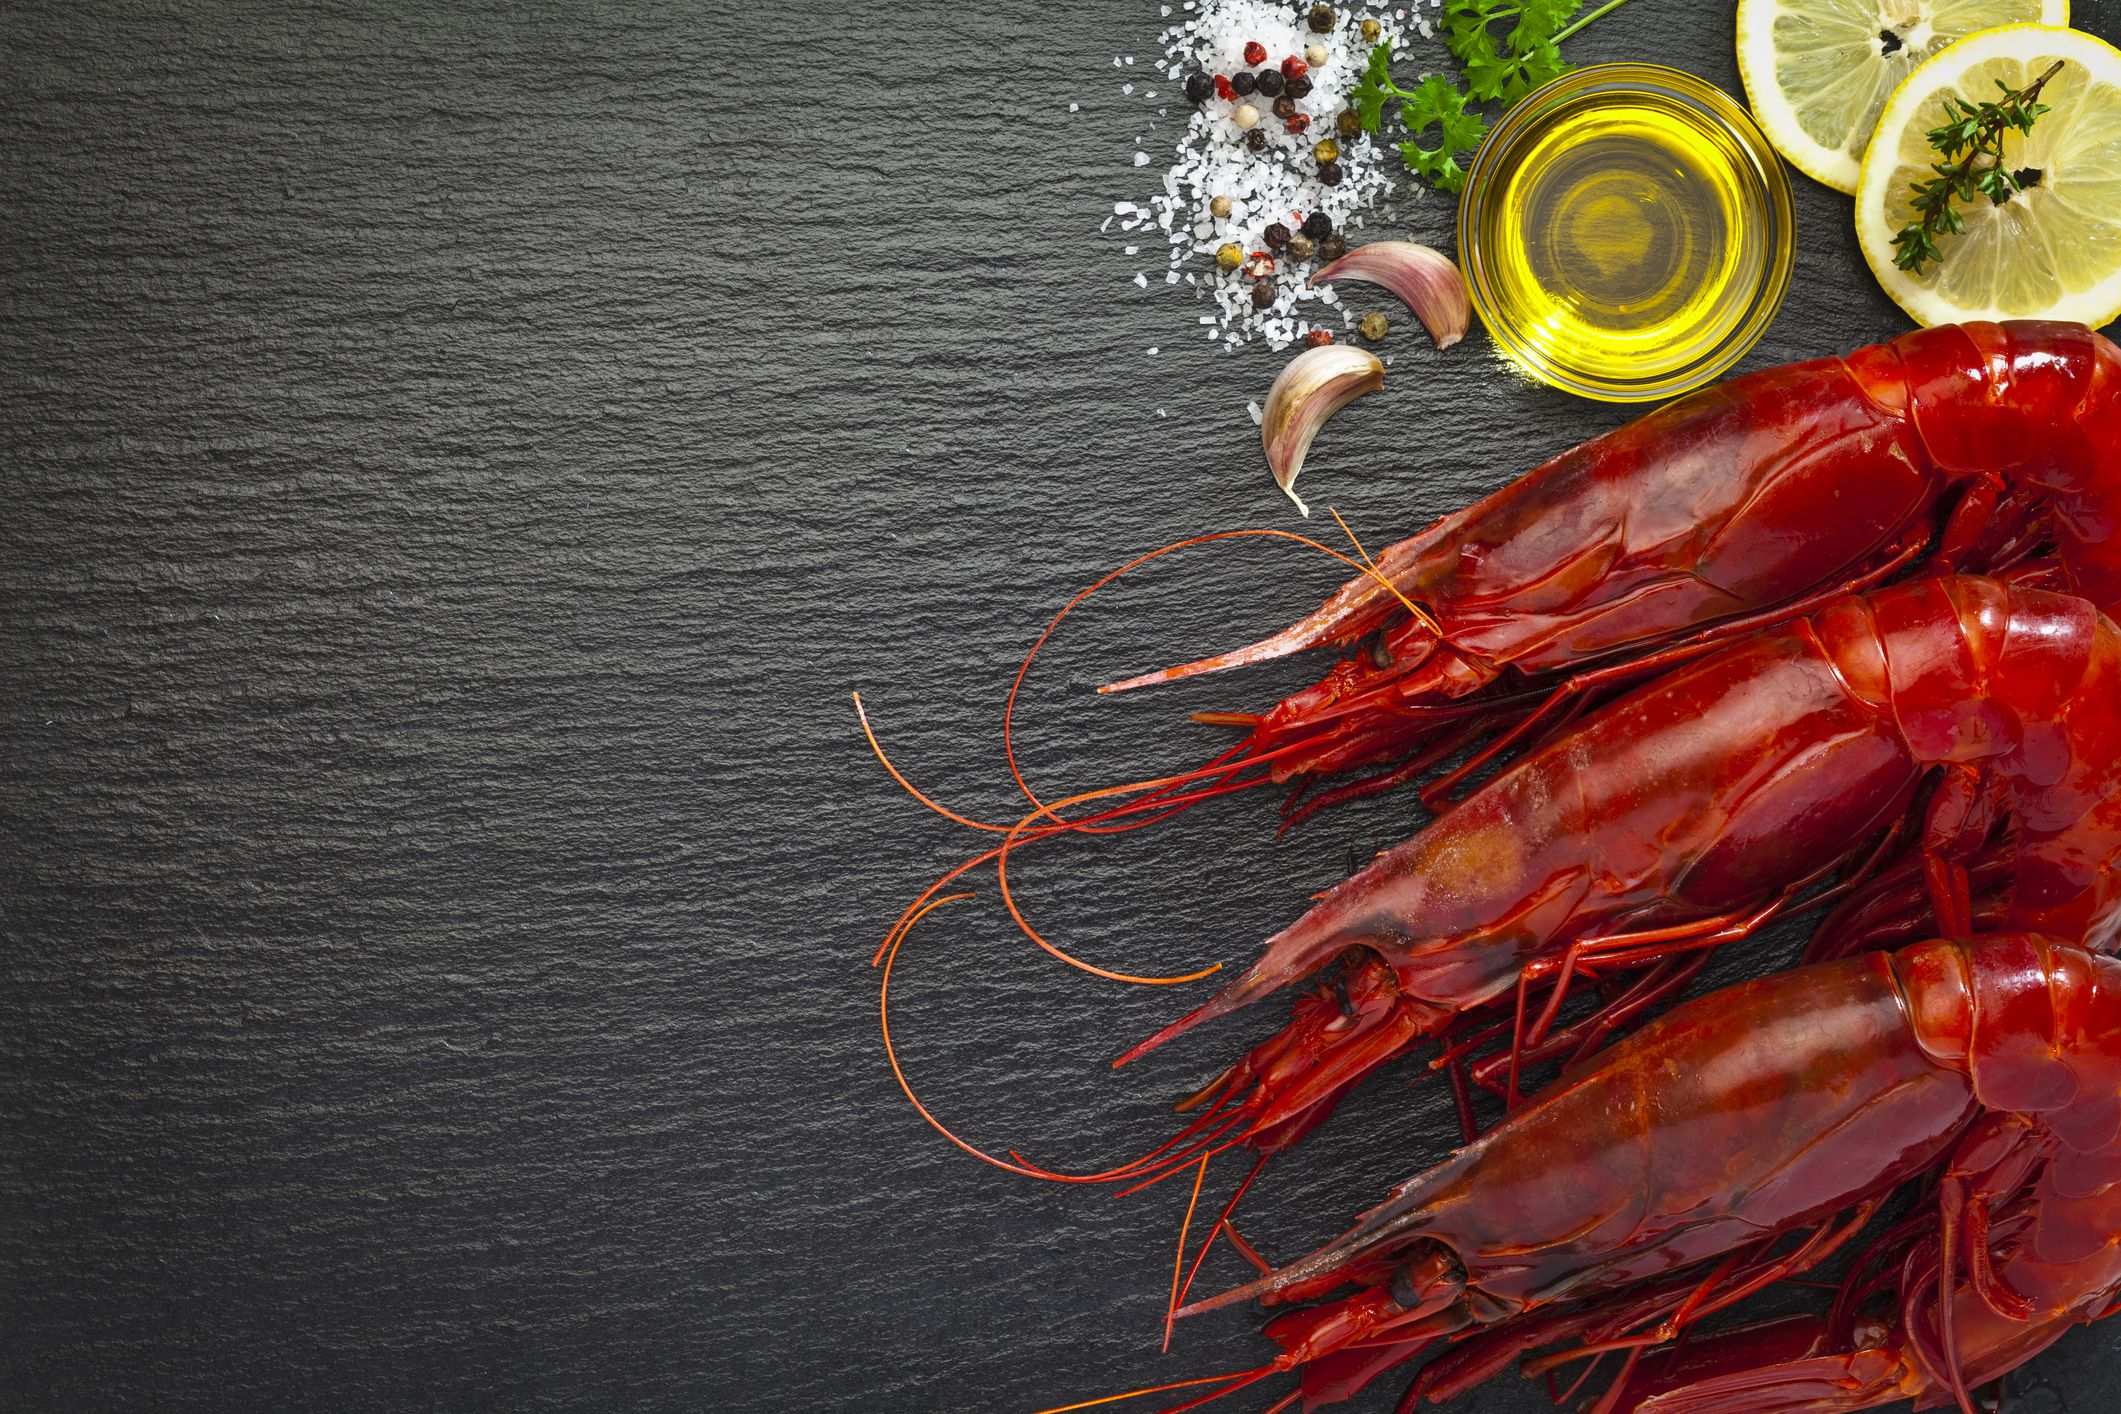 Large red shrimp